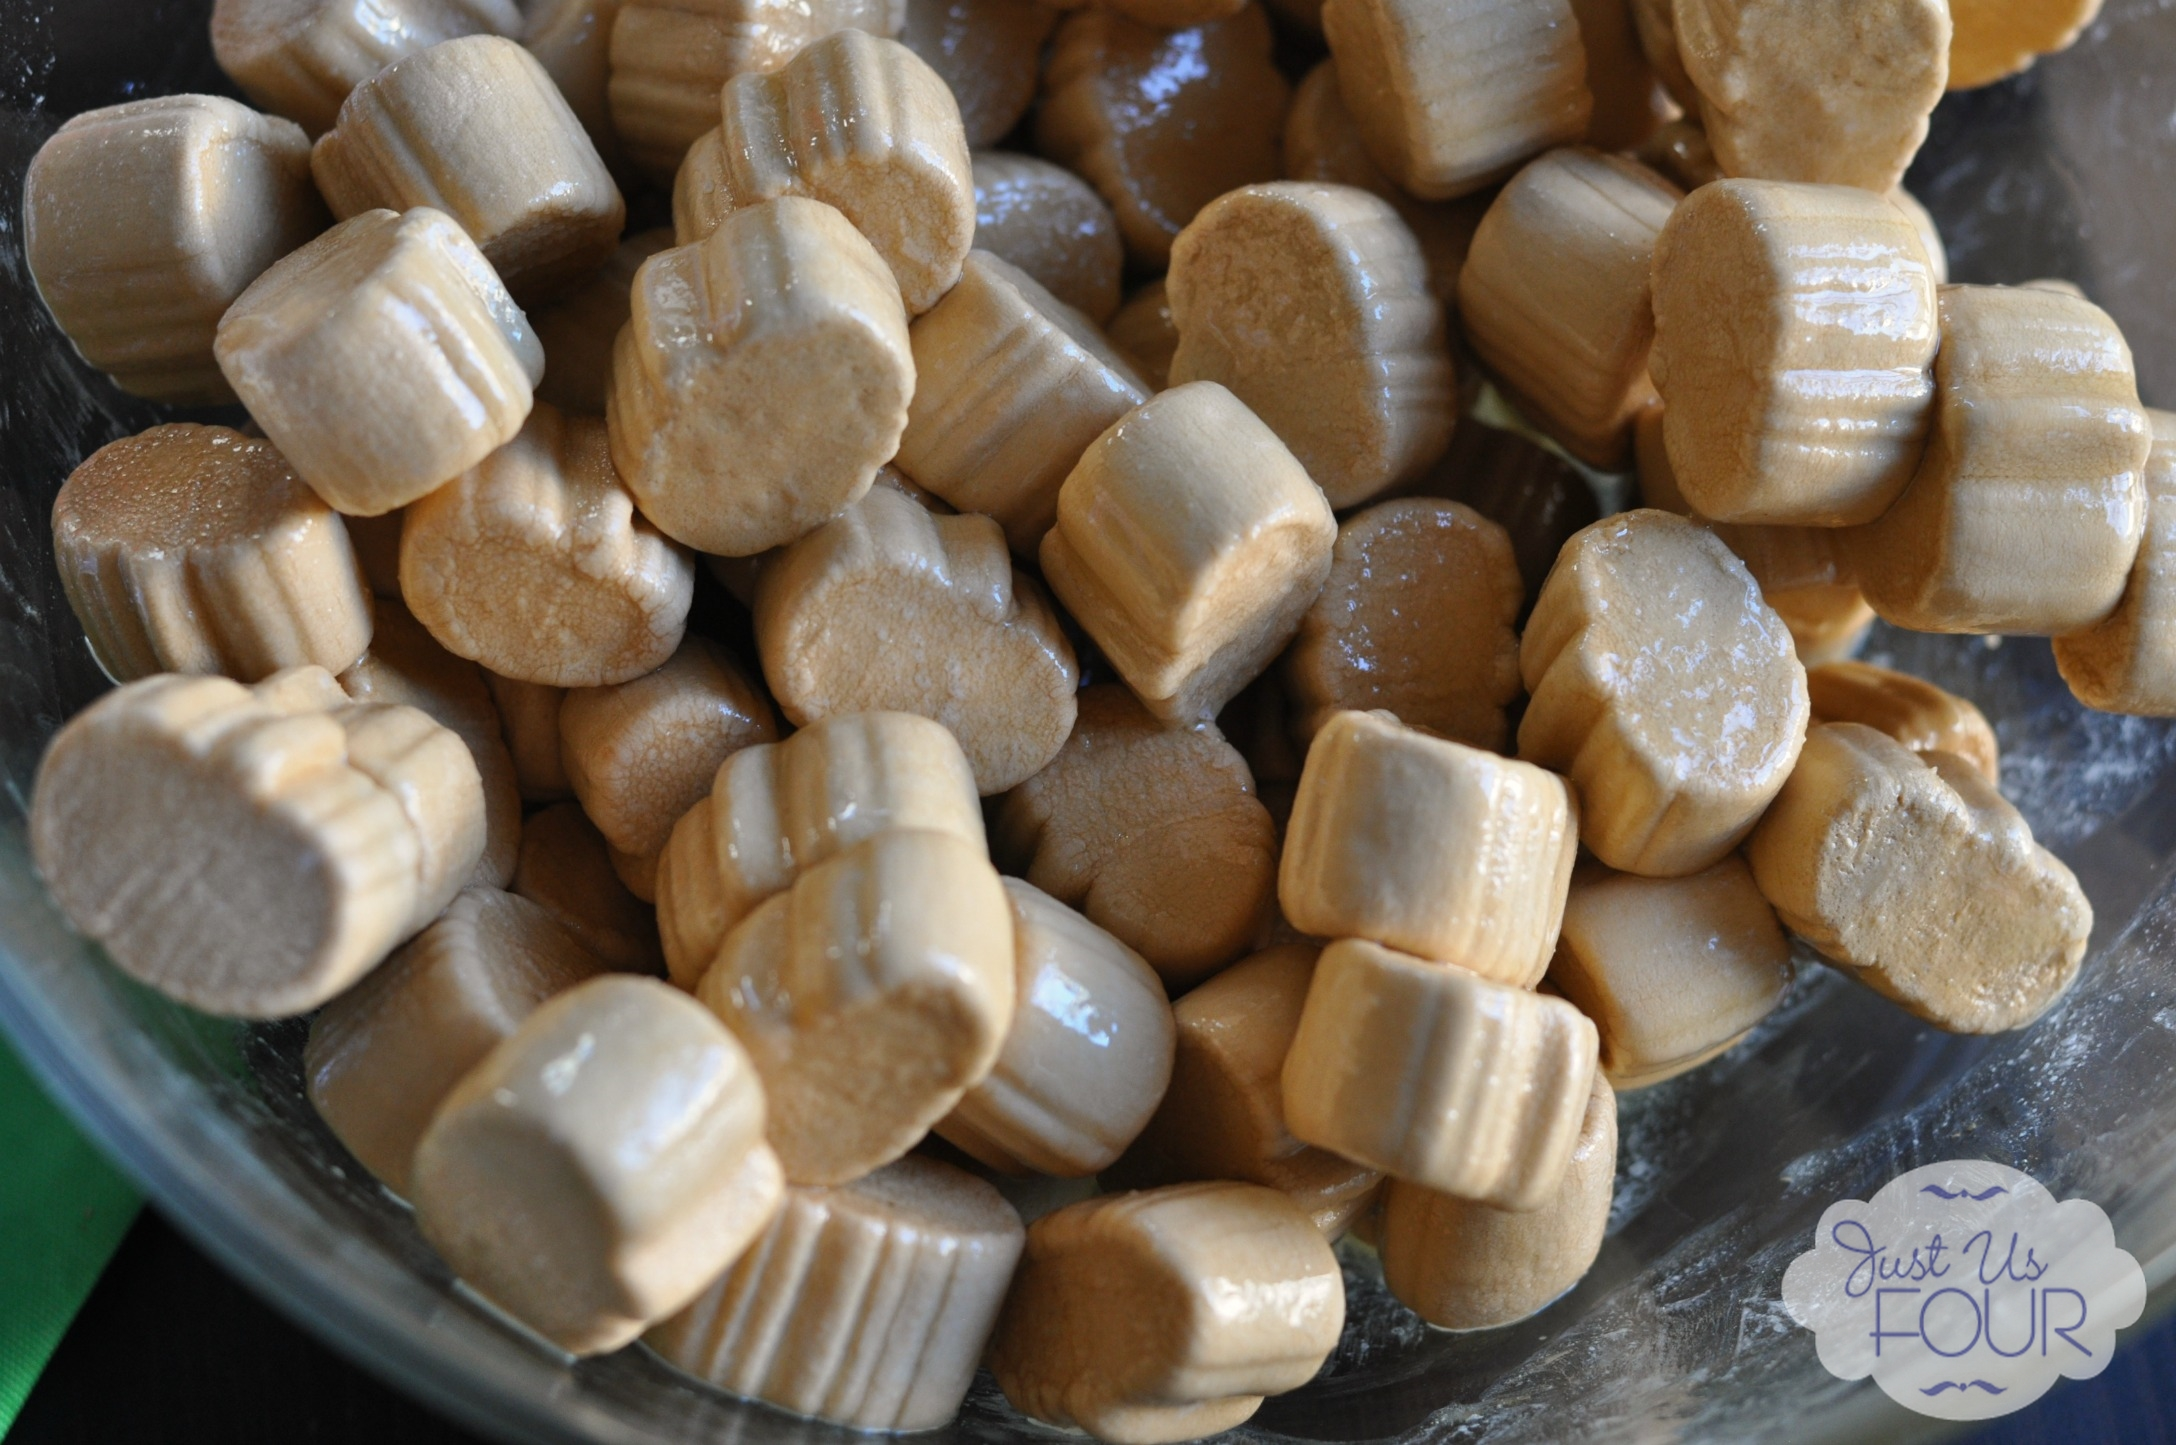 ... Candy Corn Bark & Pumpkin Spice Rice Krispies - My Suburban Kitchen